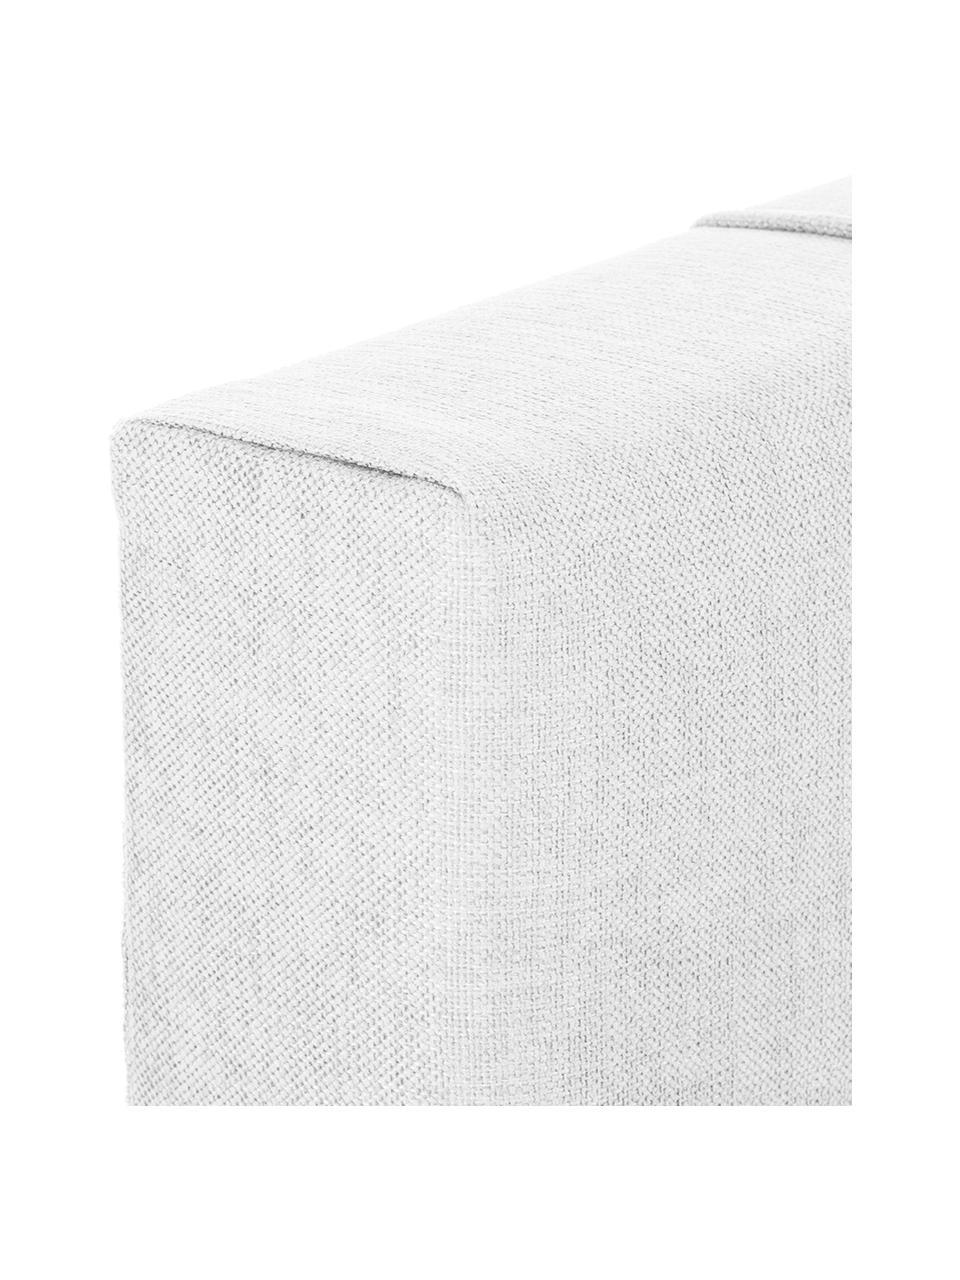 Łóżko kontynentalne premium Lacey, Nogi: lite drewno bukowe, lakie, Jasny szary, 200 x 200 cm